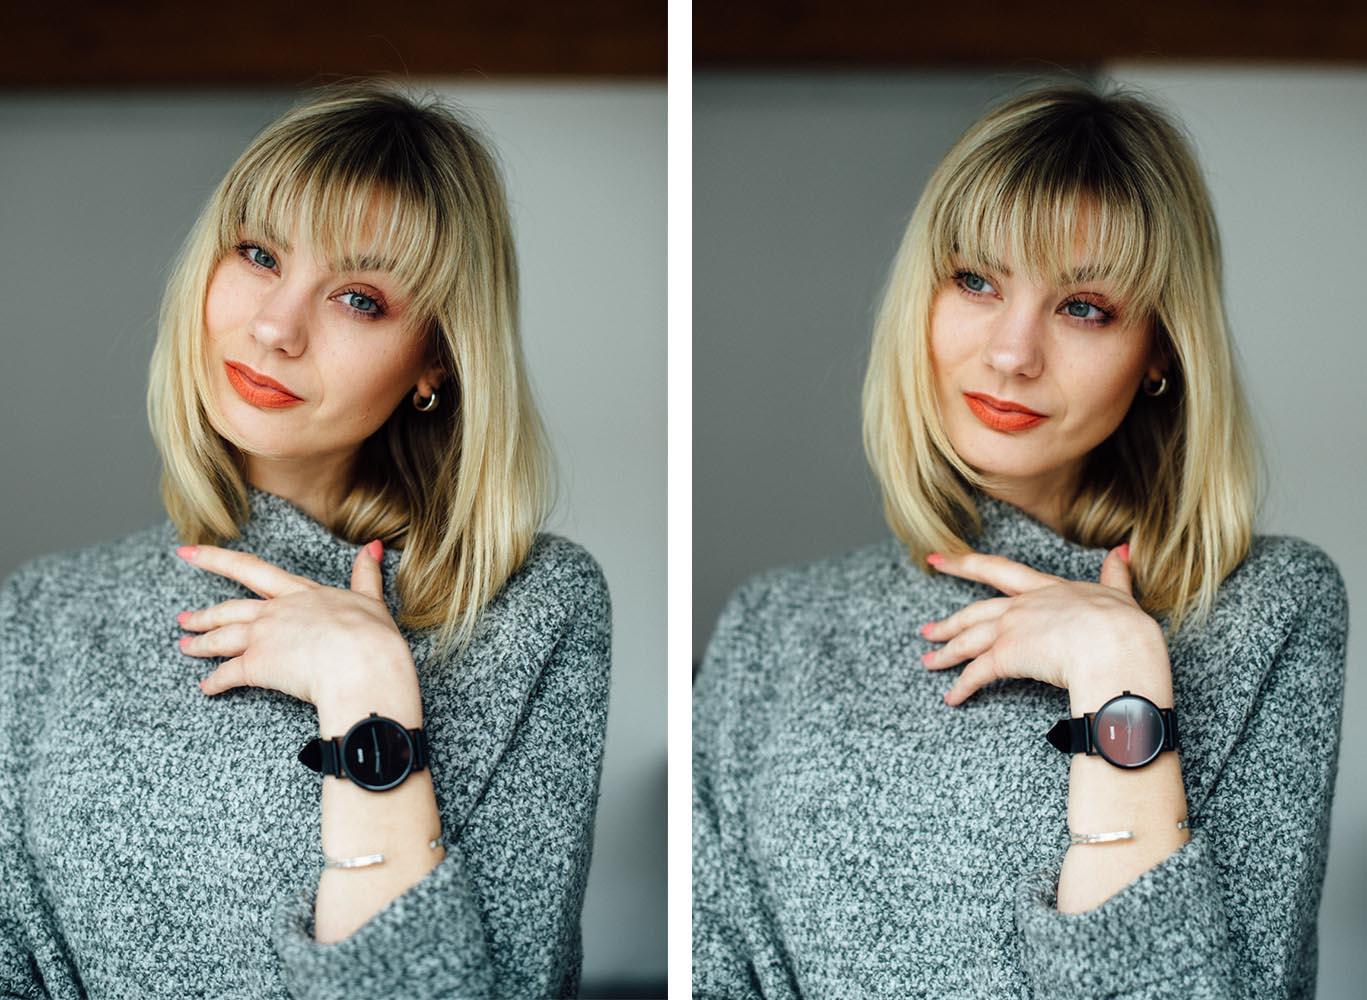 27-Kiamisu_Modeblog_Beautyblog_artdeco_Hypnotic Blossom_Review_Test-Collage__